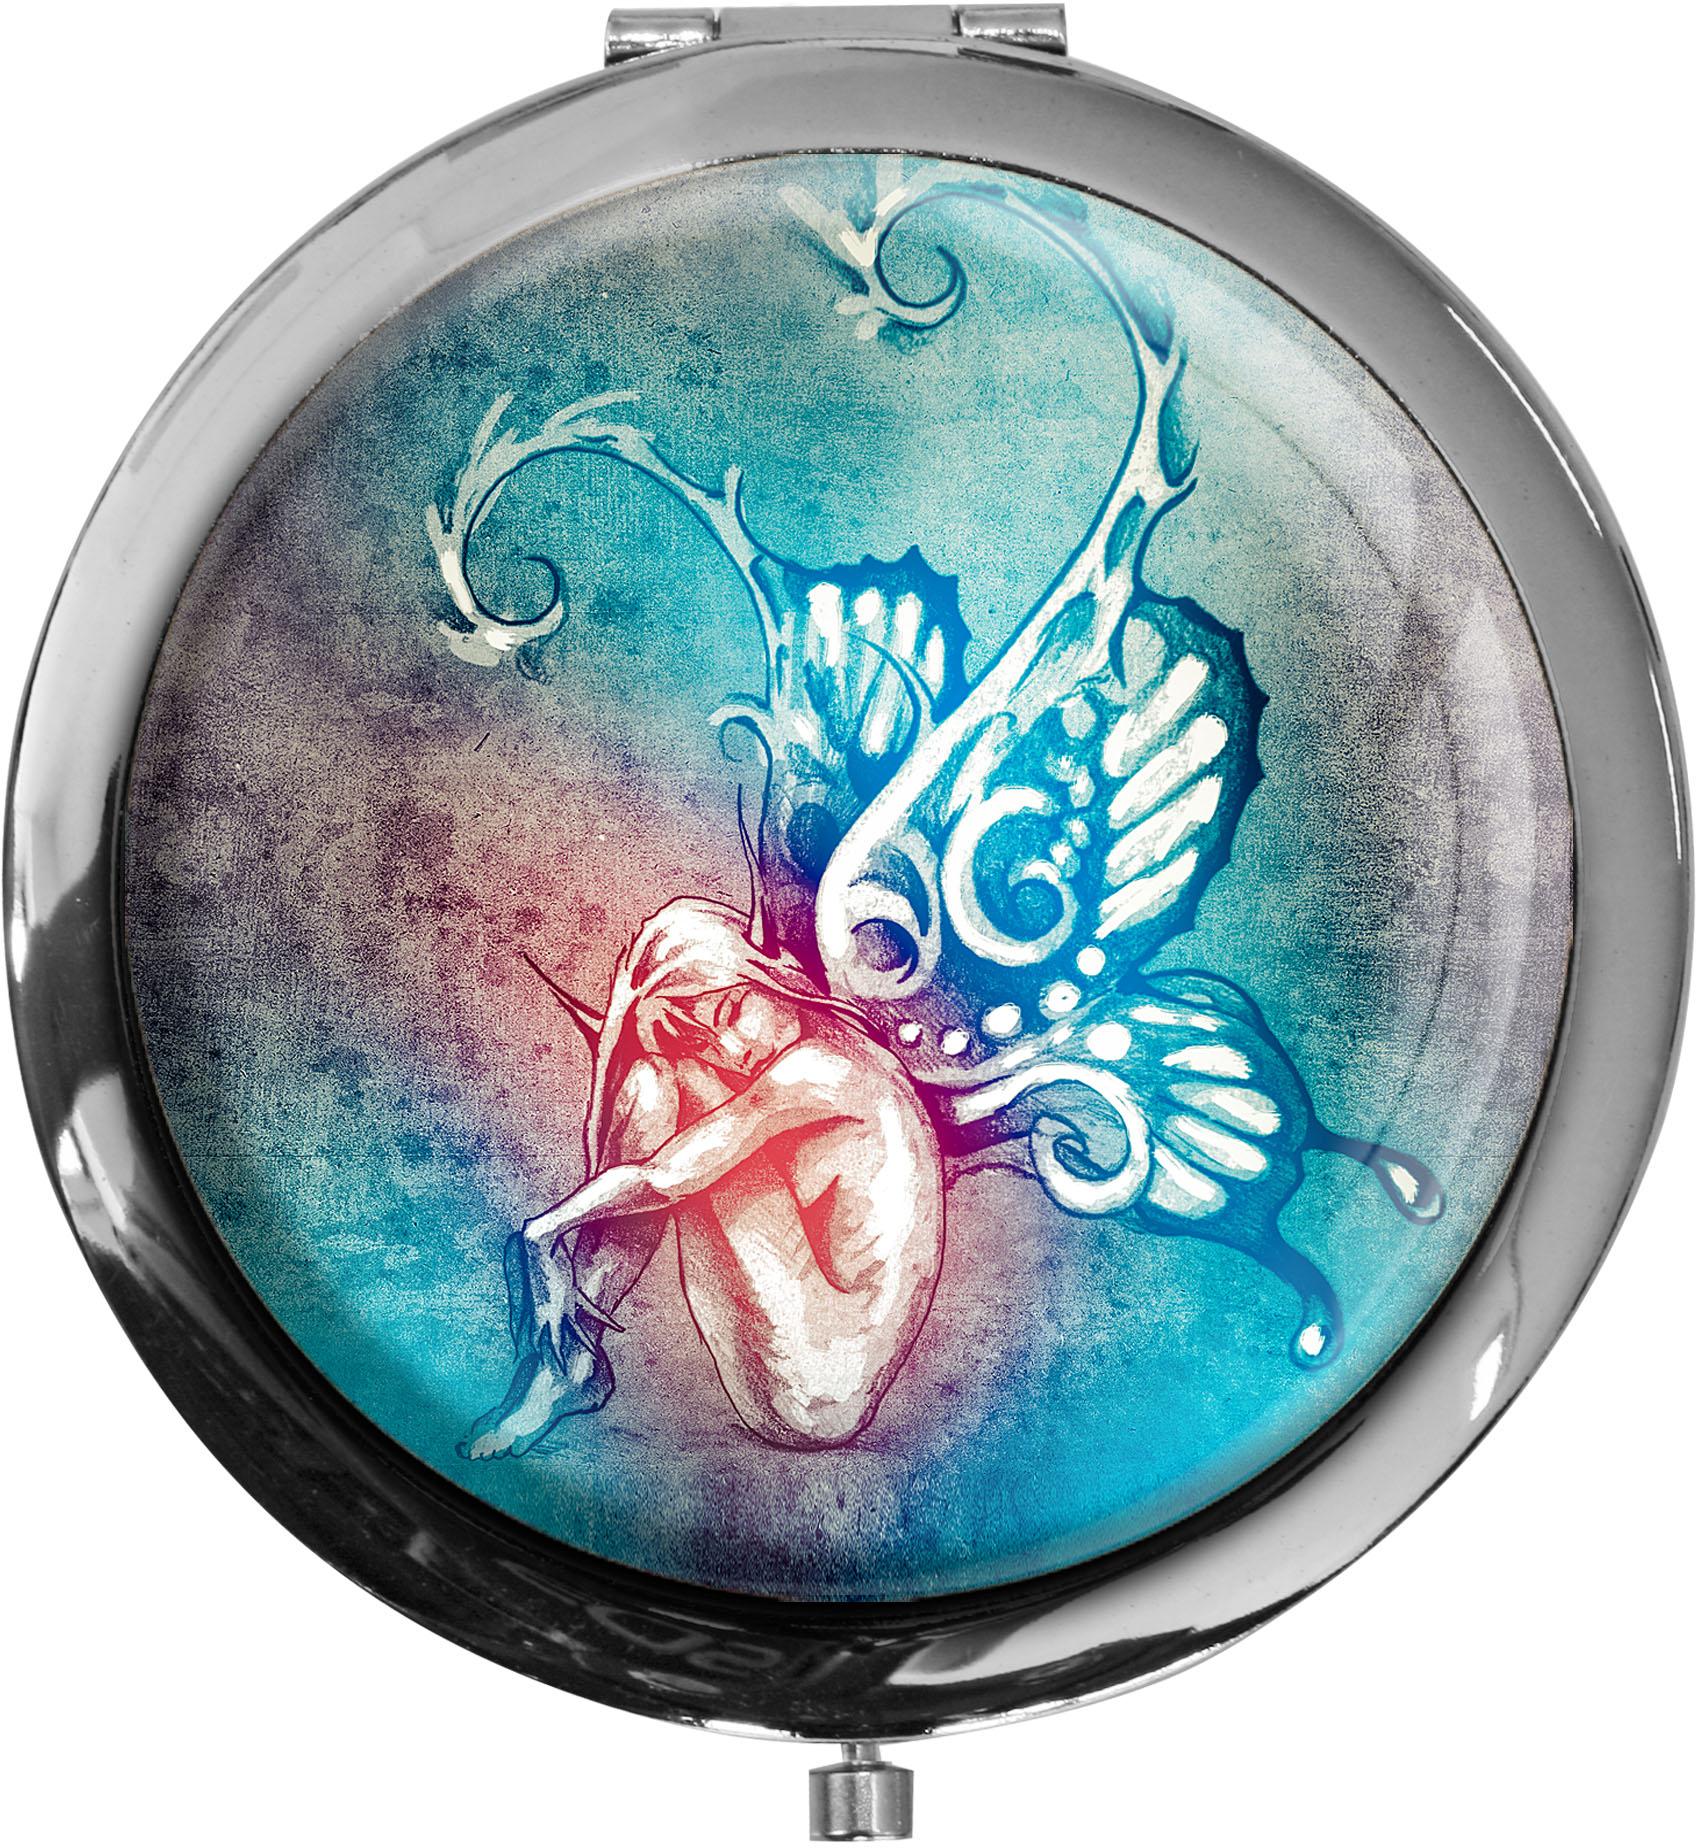 Taschenspiegel / Spiegel / Elfe / Mystik